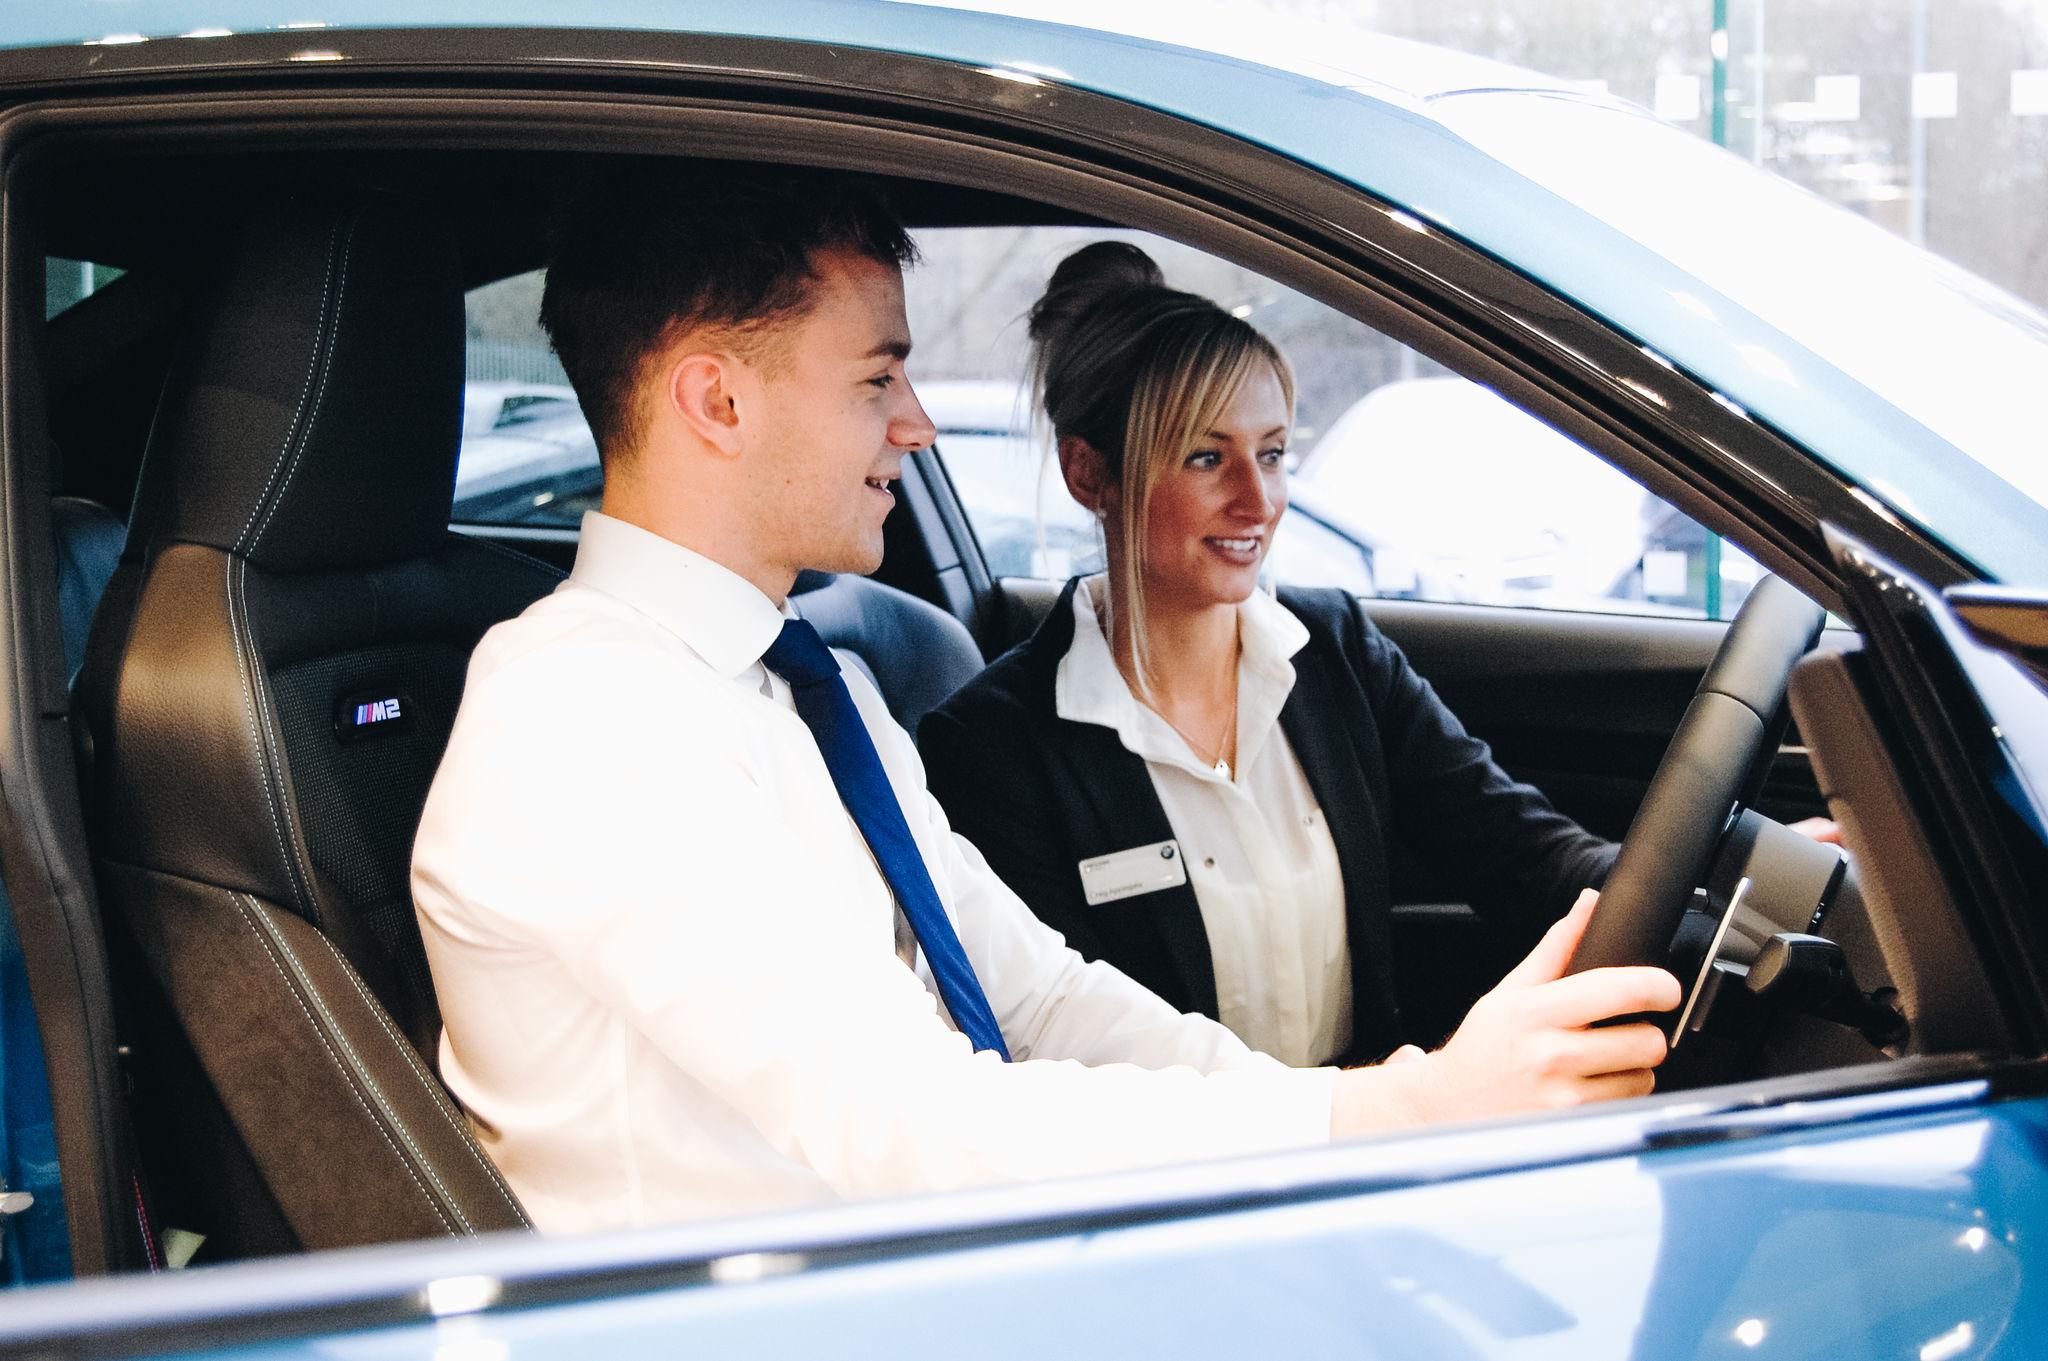 BMW Business Help